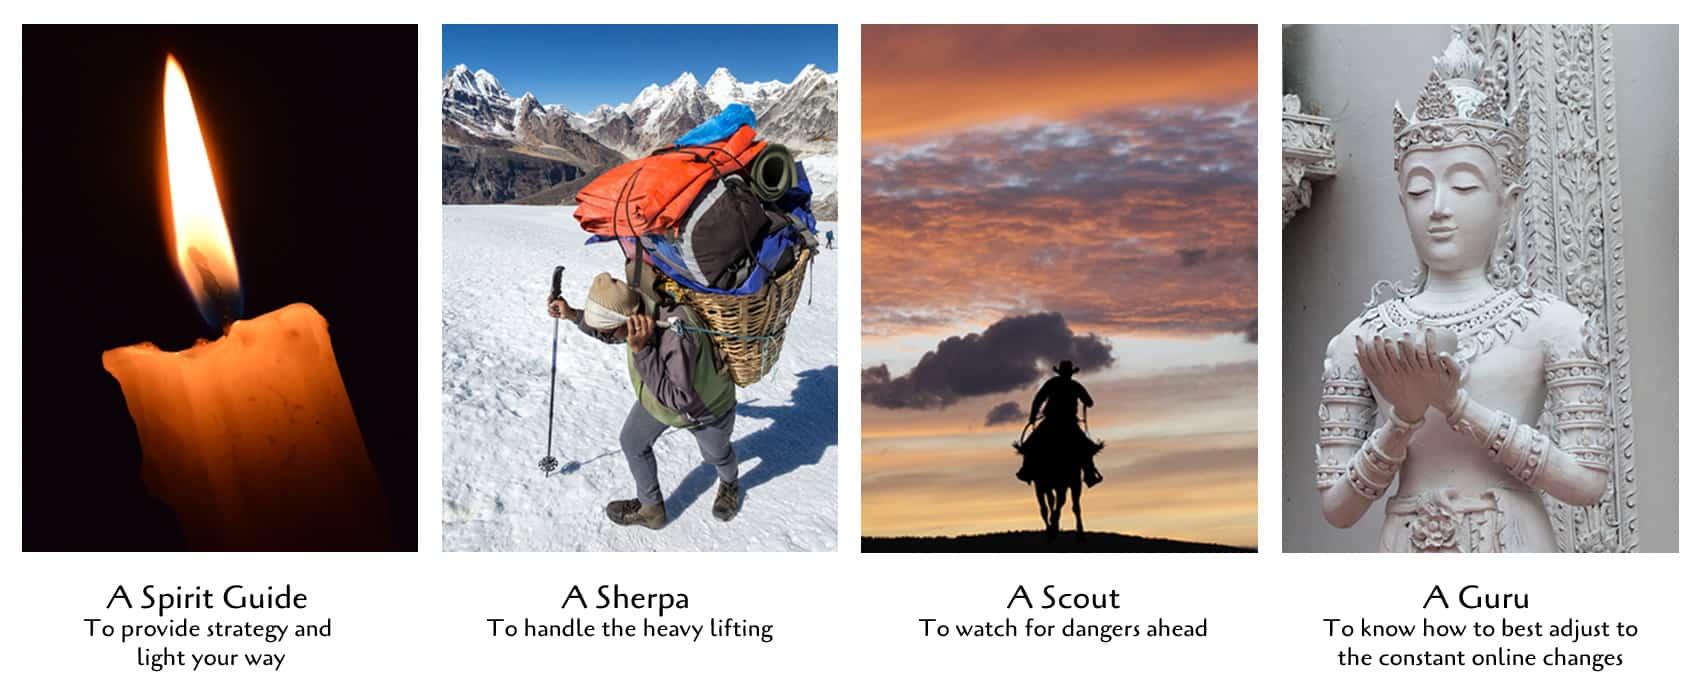 Spirit Guide, Sherpa, Scout and Guru